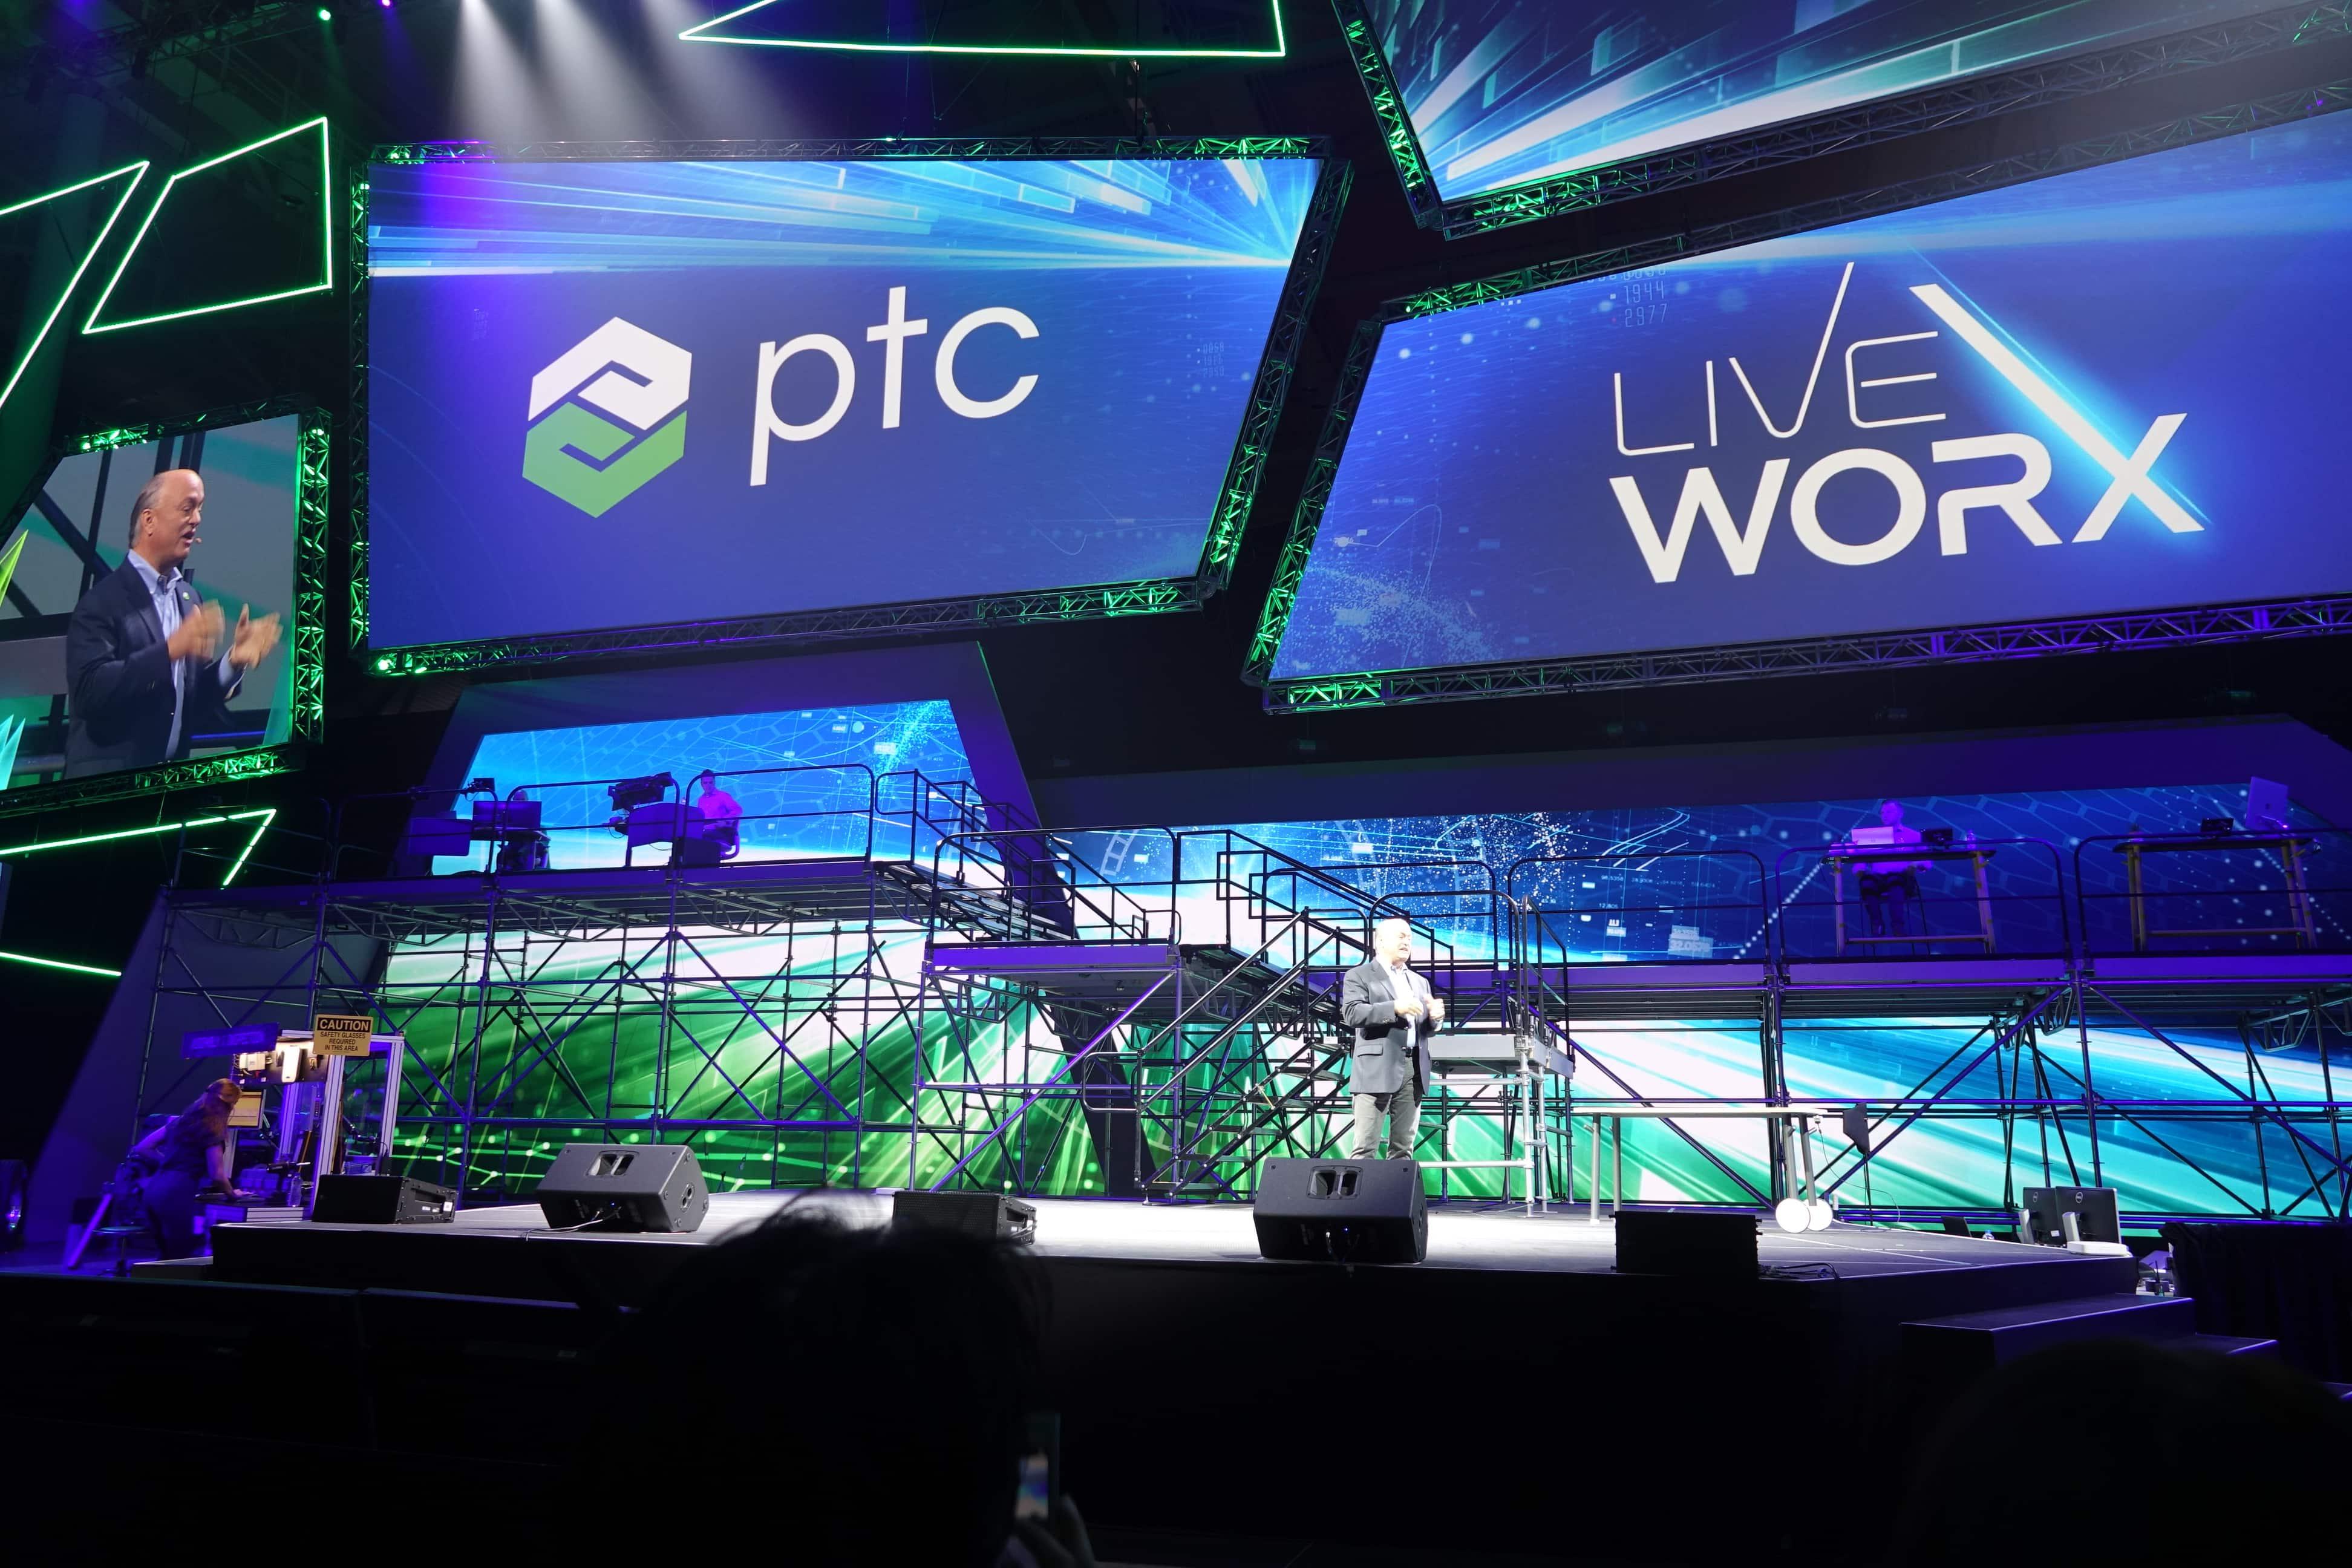 PTC LIVEWORX2019